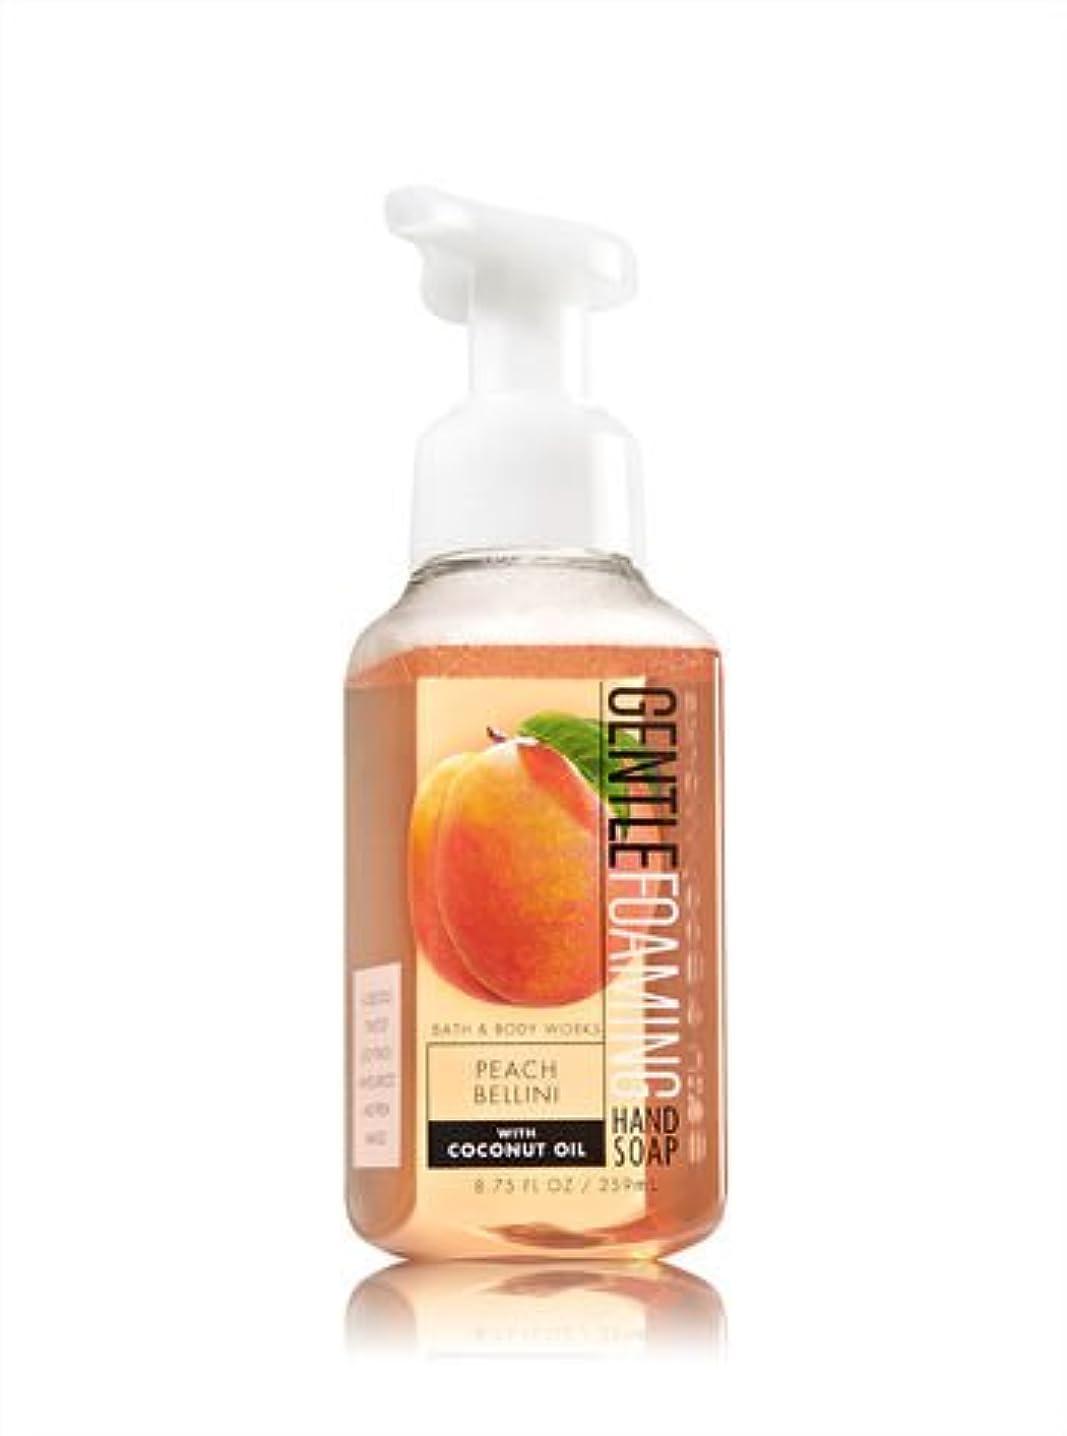 テニスコード不承認バス&ボディワークス ピーチベリーニ ジェントル フォーミング ハンドソープ Peach Bellini Gentle Foaming Hand Soap [並行輸入品]